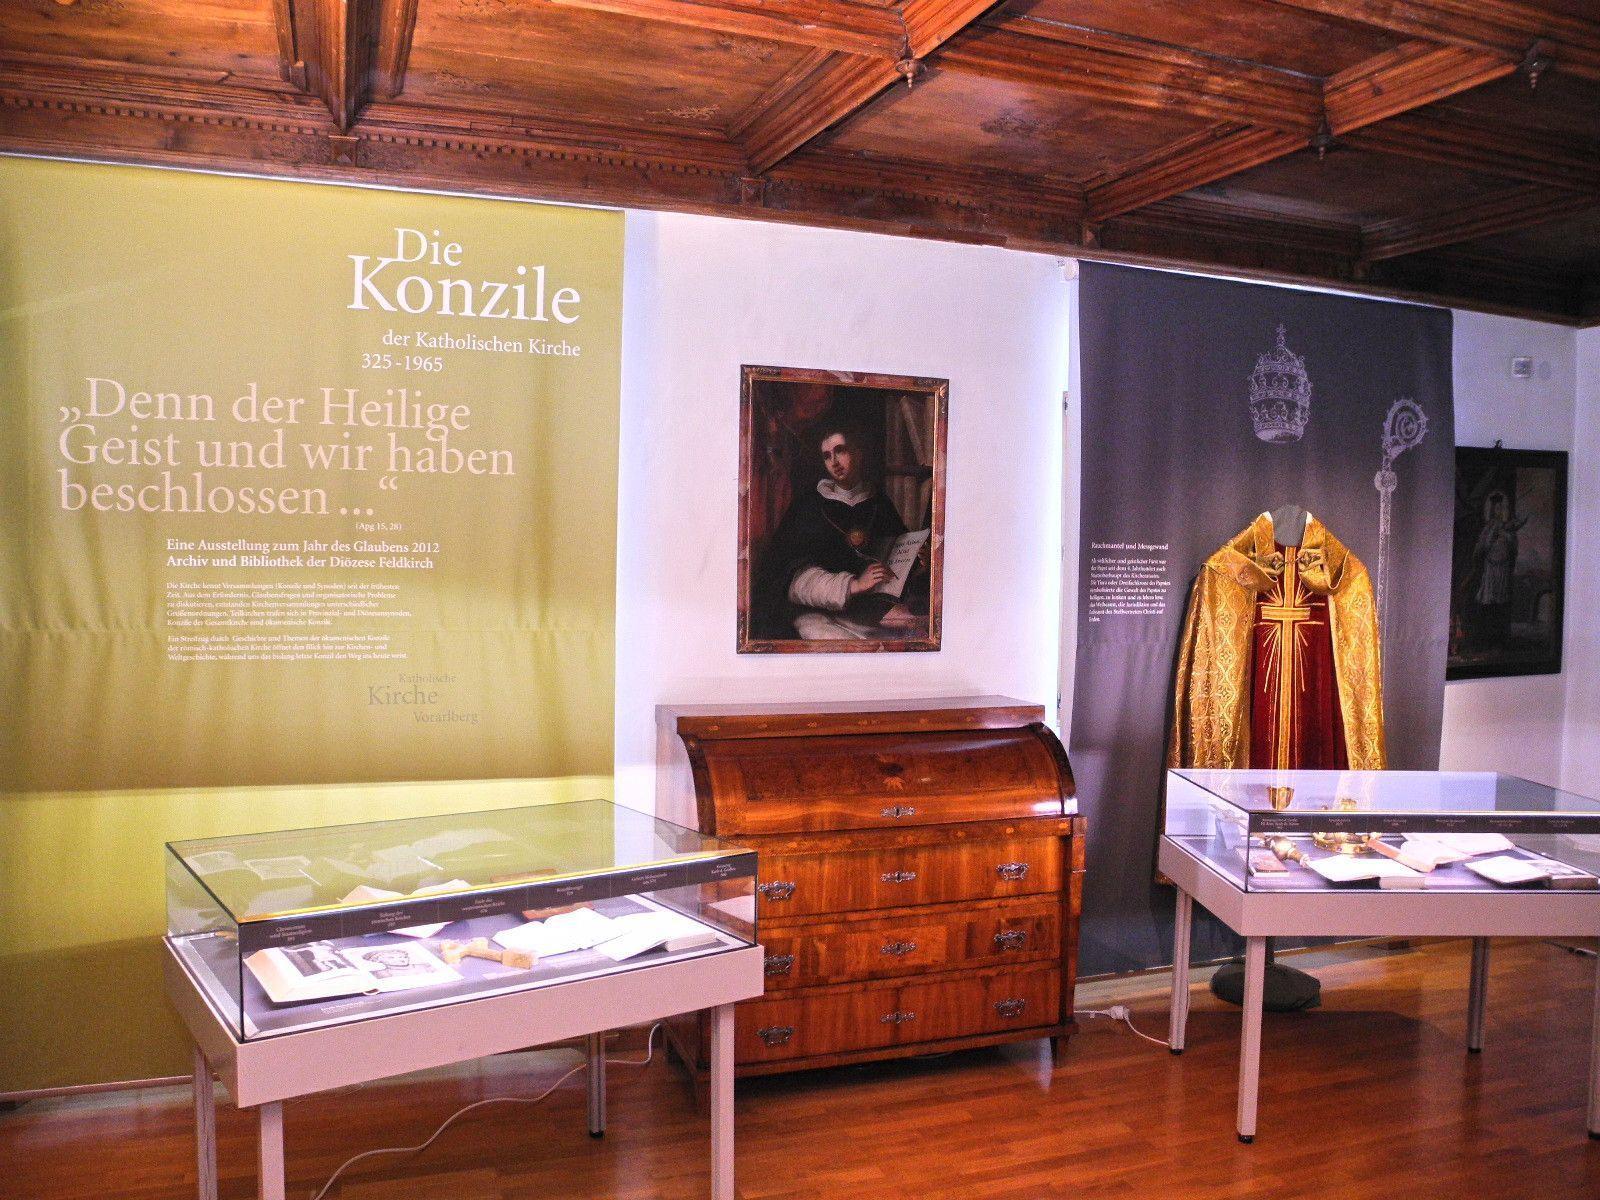 Die Konzile 325 - 1965 heißt die Ausstellung in der Diözesanbibliothek